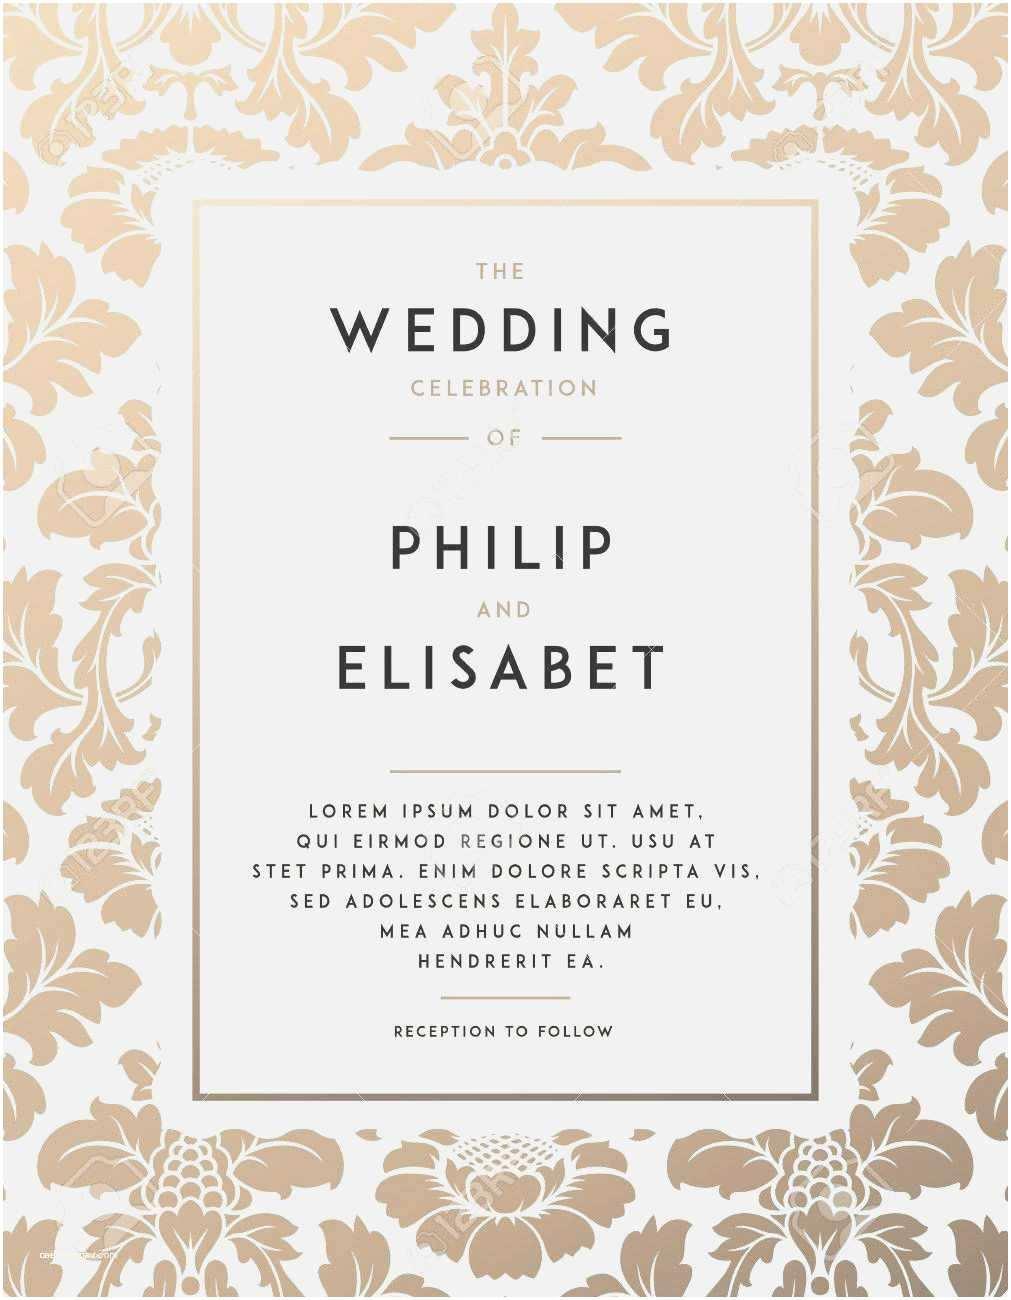 Retro Wedding Invitations Dorable Vintage Wedding Invitations Templates Sketch